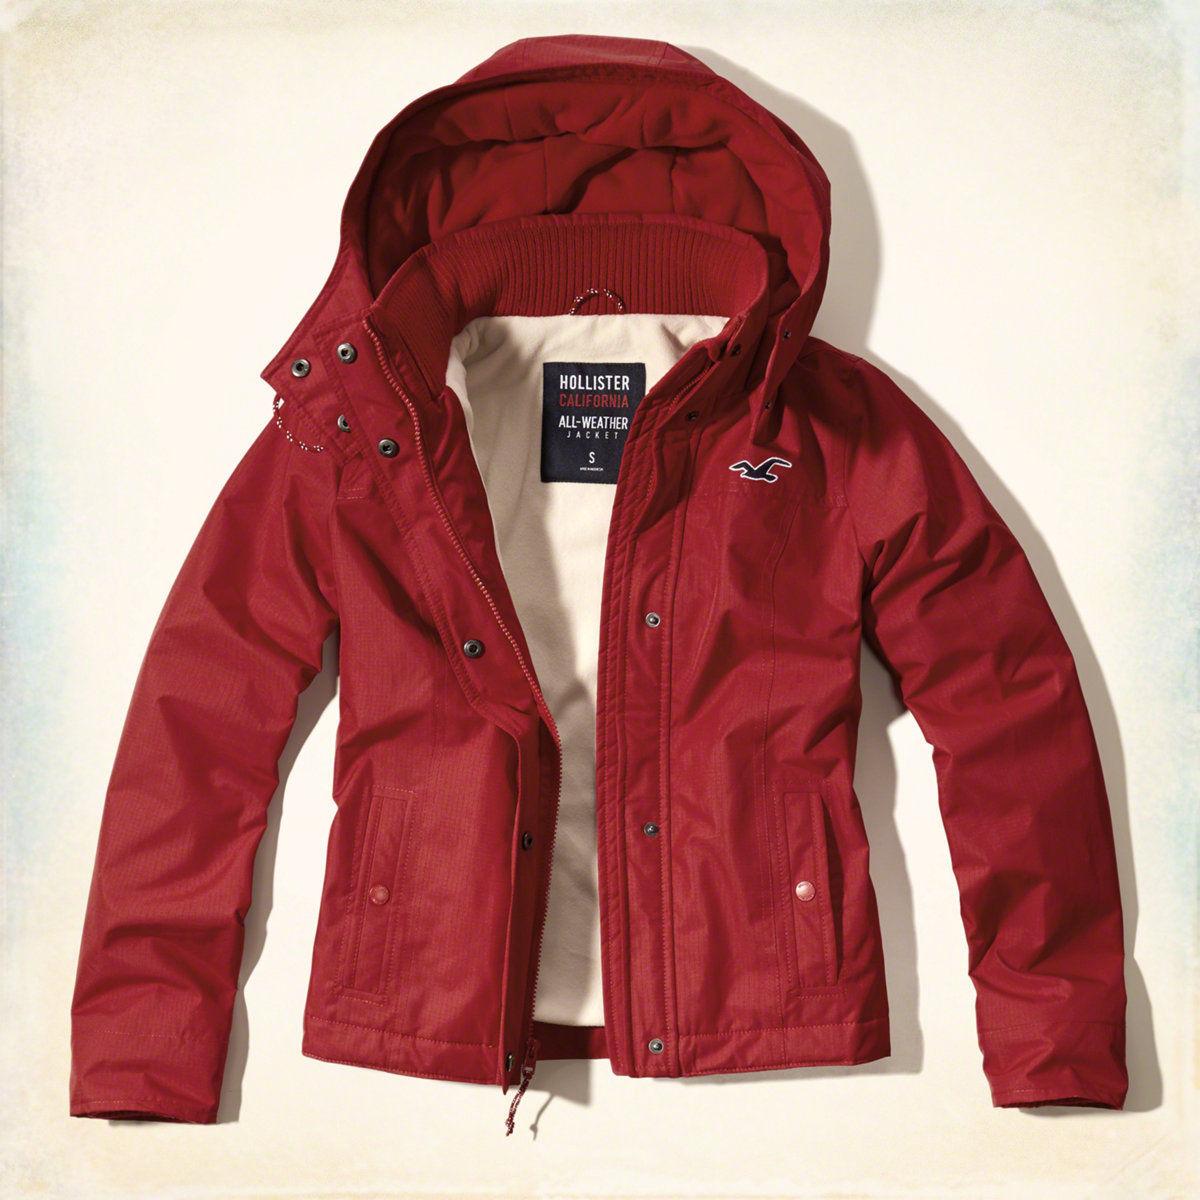 美國百分百【全新真品】Hollister Co. 風衣 外套 HCO 連帽 夾克 海鷗 刷毛 紅色 女 S號 G252